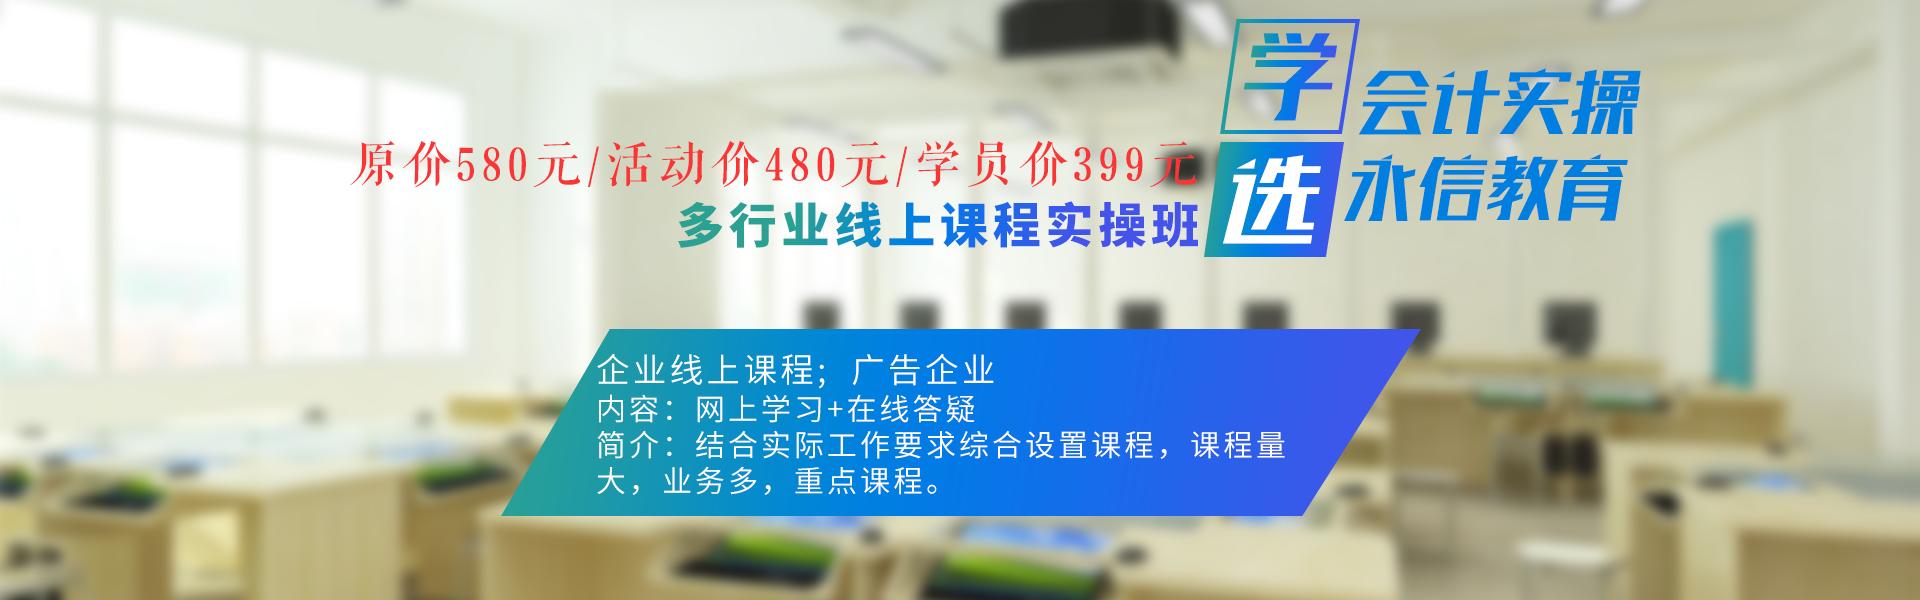 内页banner广告企业.png